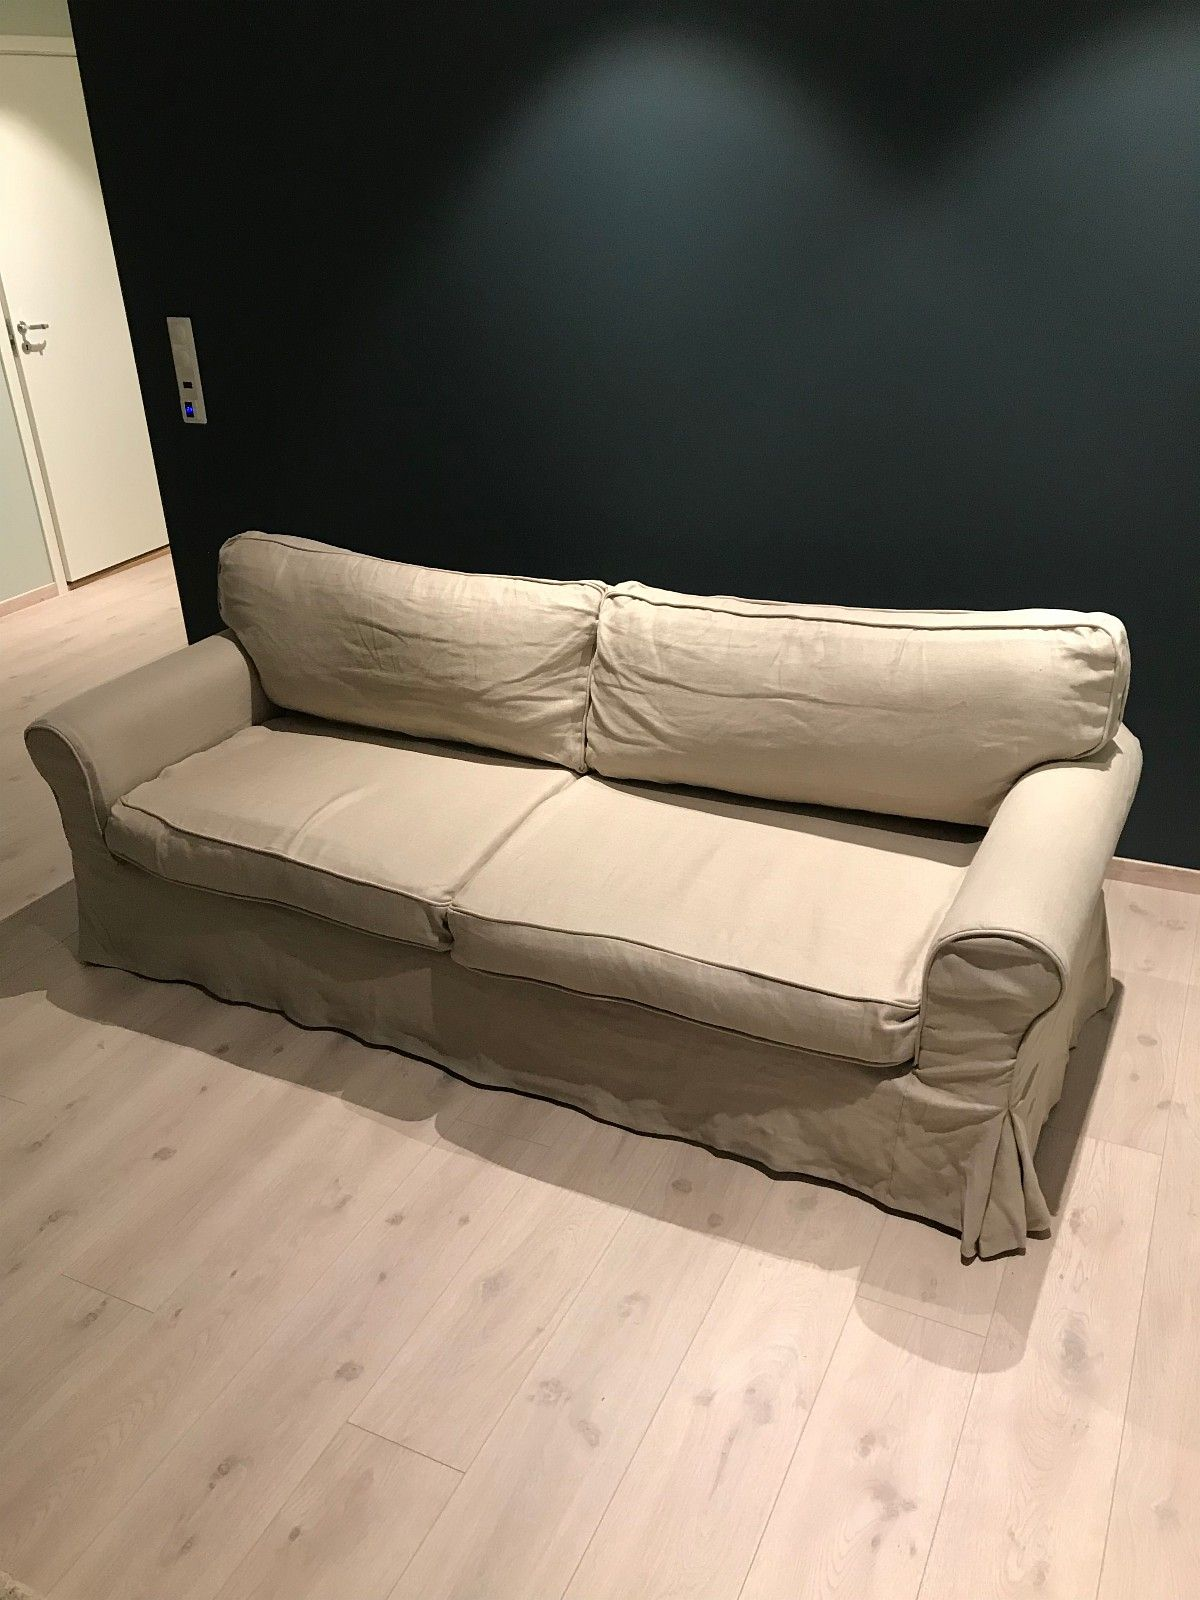 Sofa 3-seter - Skien  - Sofa 3-seter. Brukt, men i fin stand. Trekket i lin er lite brukt. Orginaltrekket (hvit) ligger under.  Sofa kjøpt på Home&Cottage. - Skien